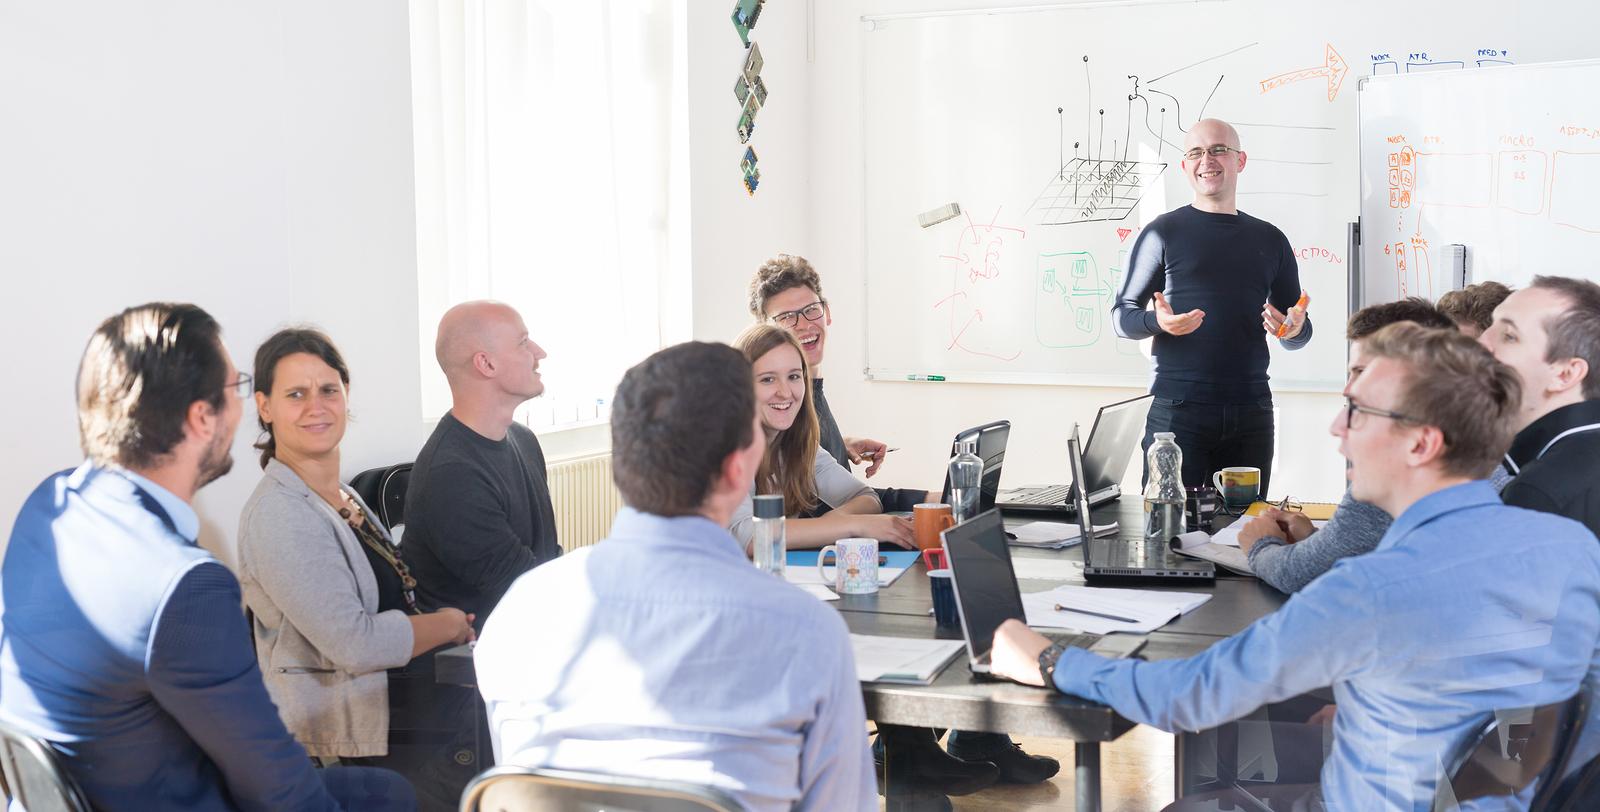 5 Perché il team di sviluppo dedicato all'assunzione viene retribuito per il 95% delle startup IT